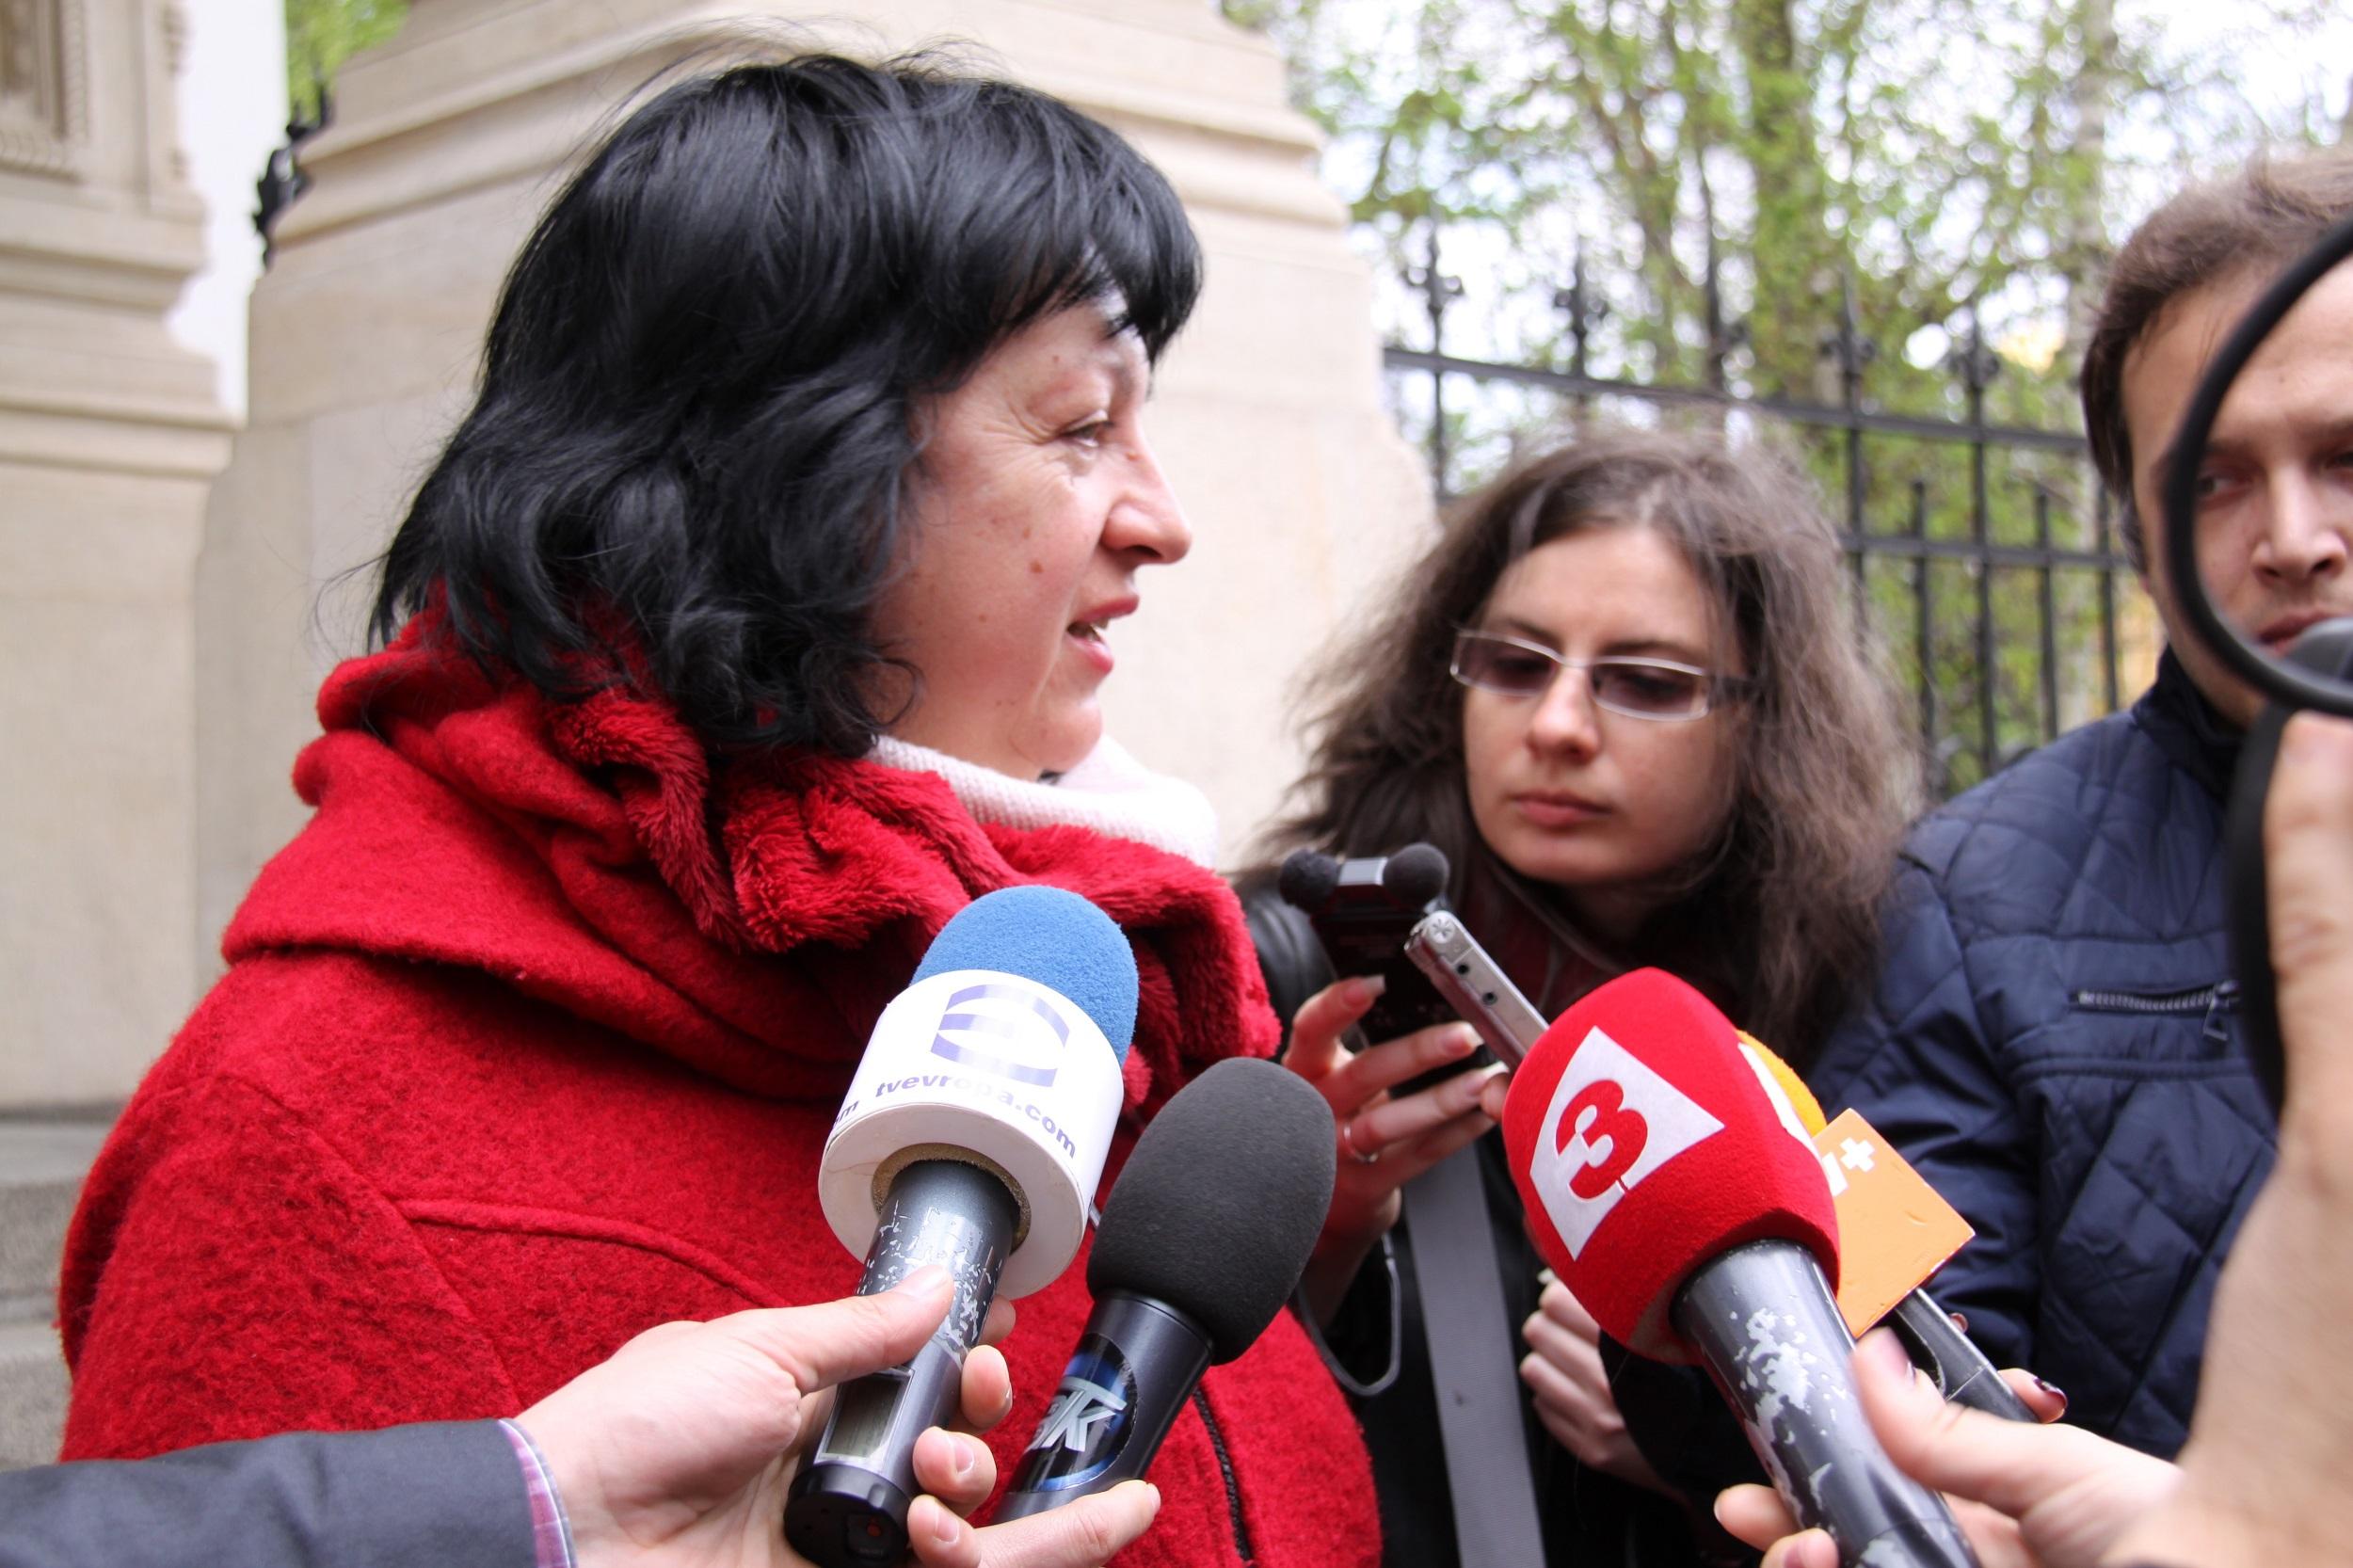 Председателят на Съюза на българските журналисти (СБЖ) Снежана Тодорова пред медиите. Снимка: Десислава Бонева